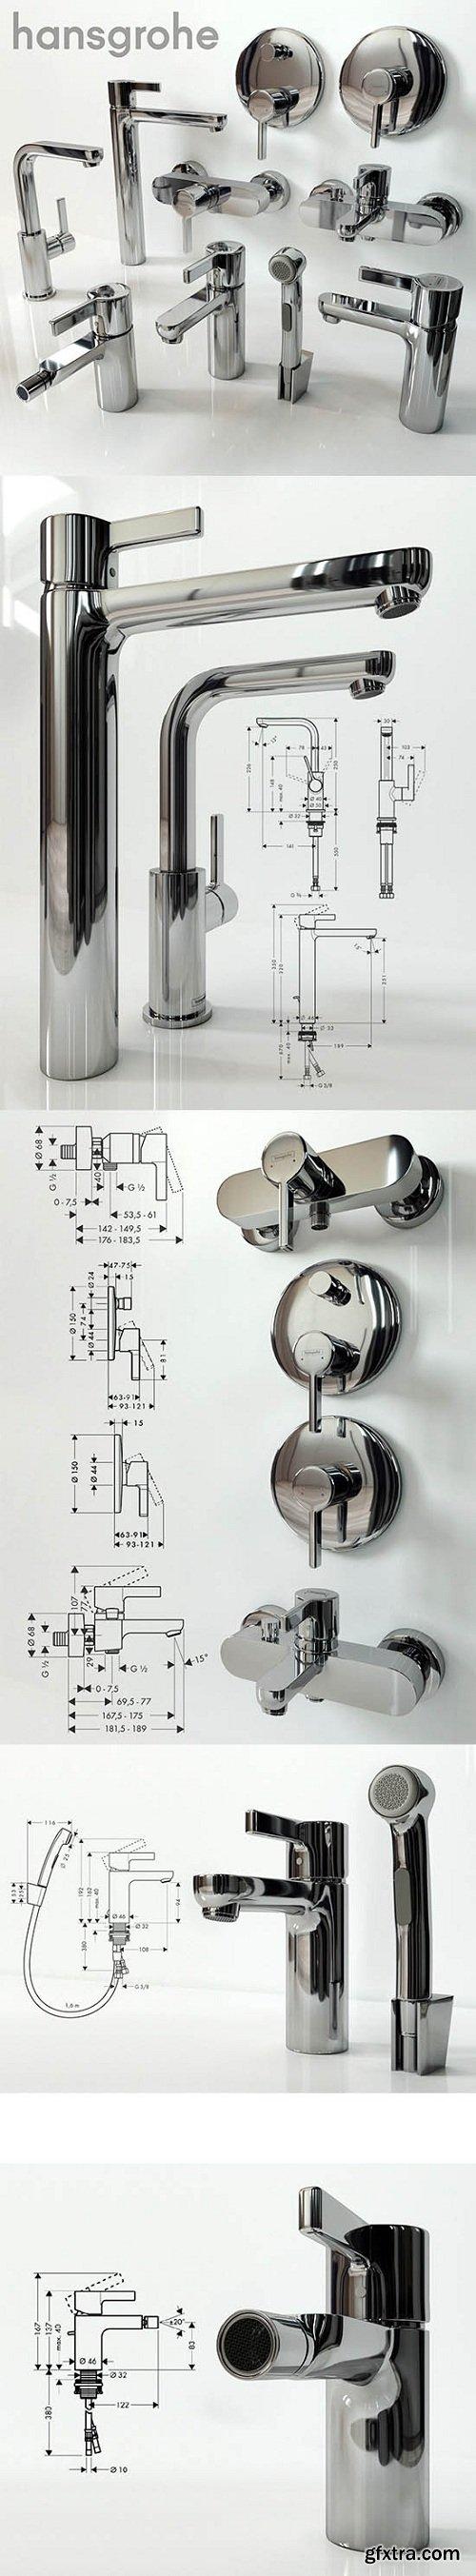 Hansgrohe Metris 3d Model